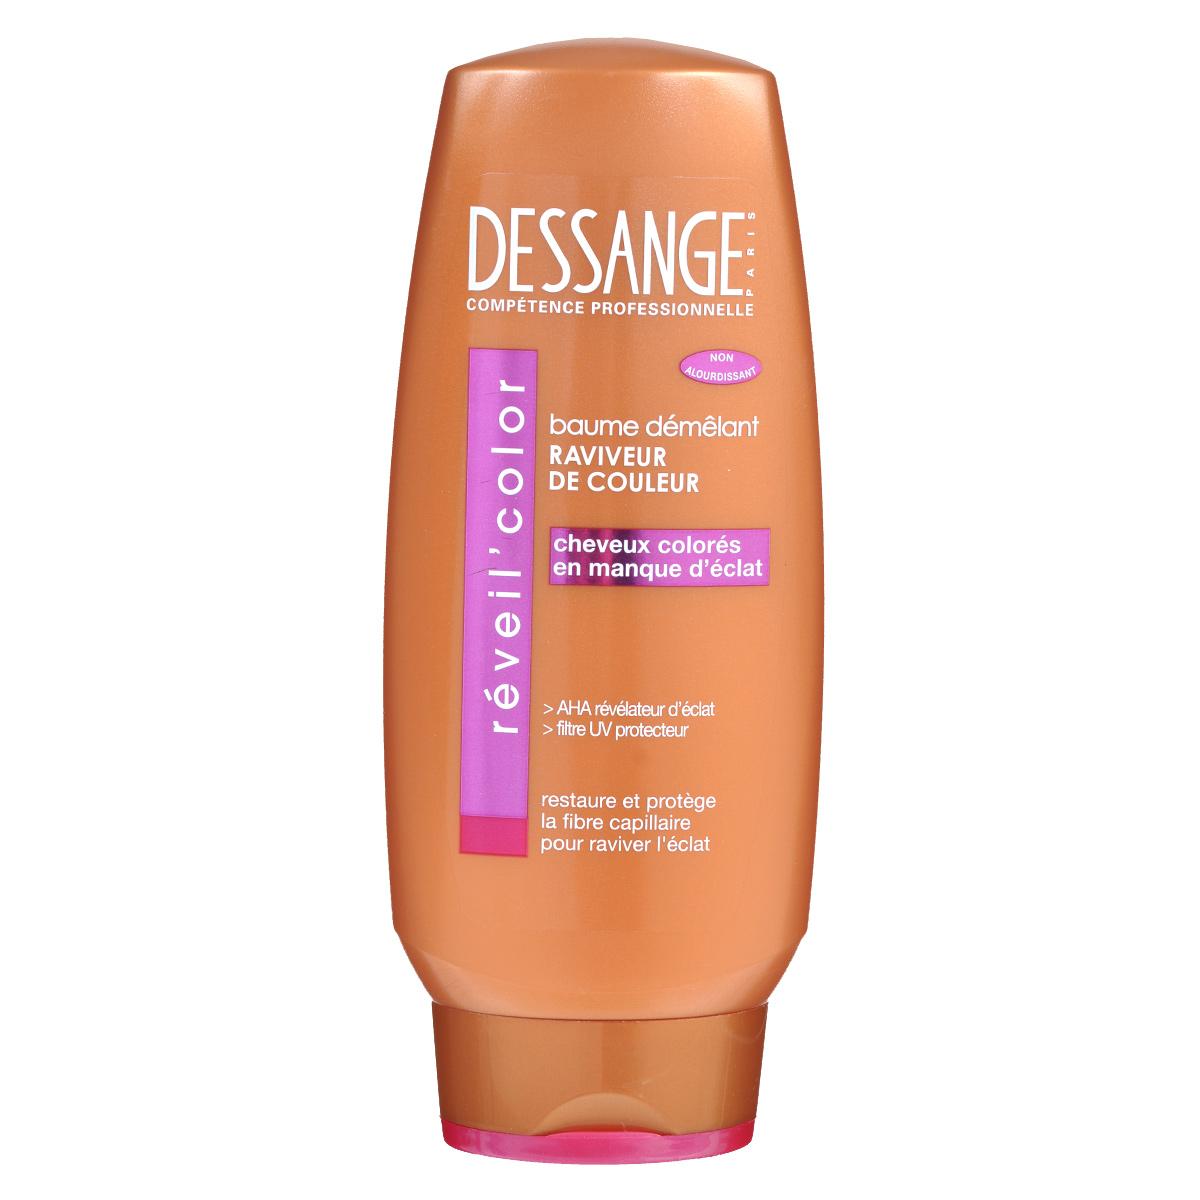 Dessange Бальзам Экстра блеск, для окрашенных волос, 200 млD0980403Бальзам Dessange Экстра блеск специально предназначен для окрашенных волос. В основе его формулы - провитамин В5 и витамин Е, обладающие антиоксидантным действием и надолго возрождающие сияние вашего оттенка и защищающие волокно волоса. День за днем волосы излучают блеск и жизненную силу! 0